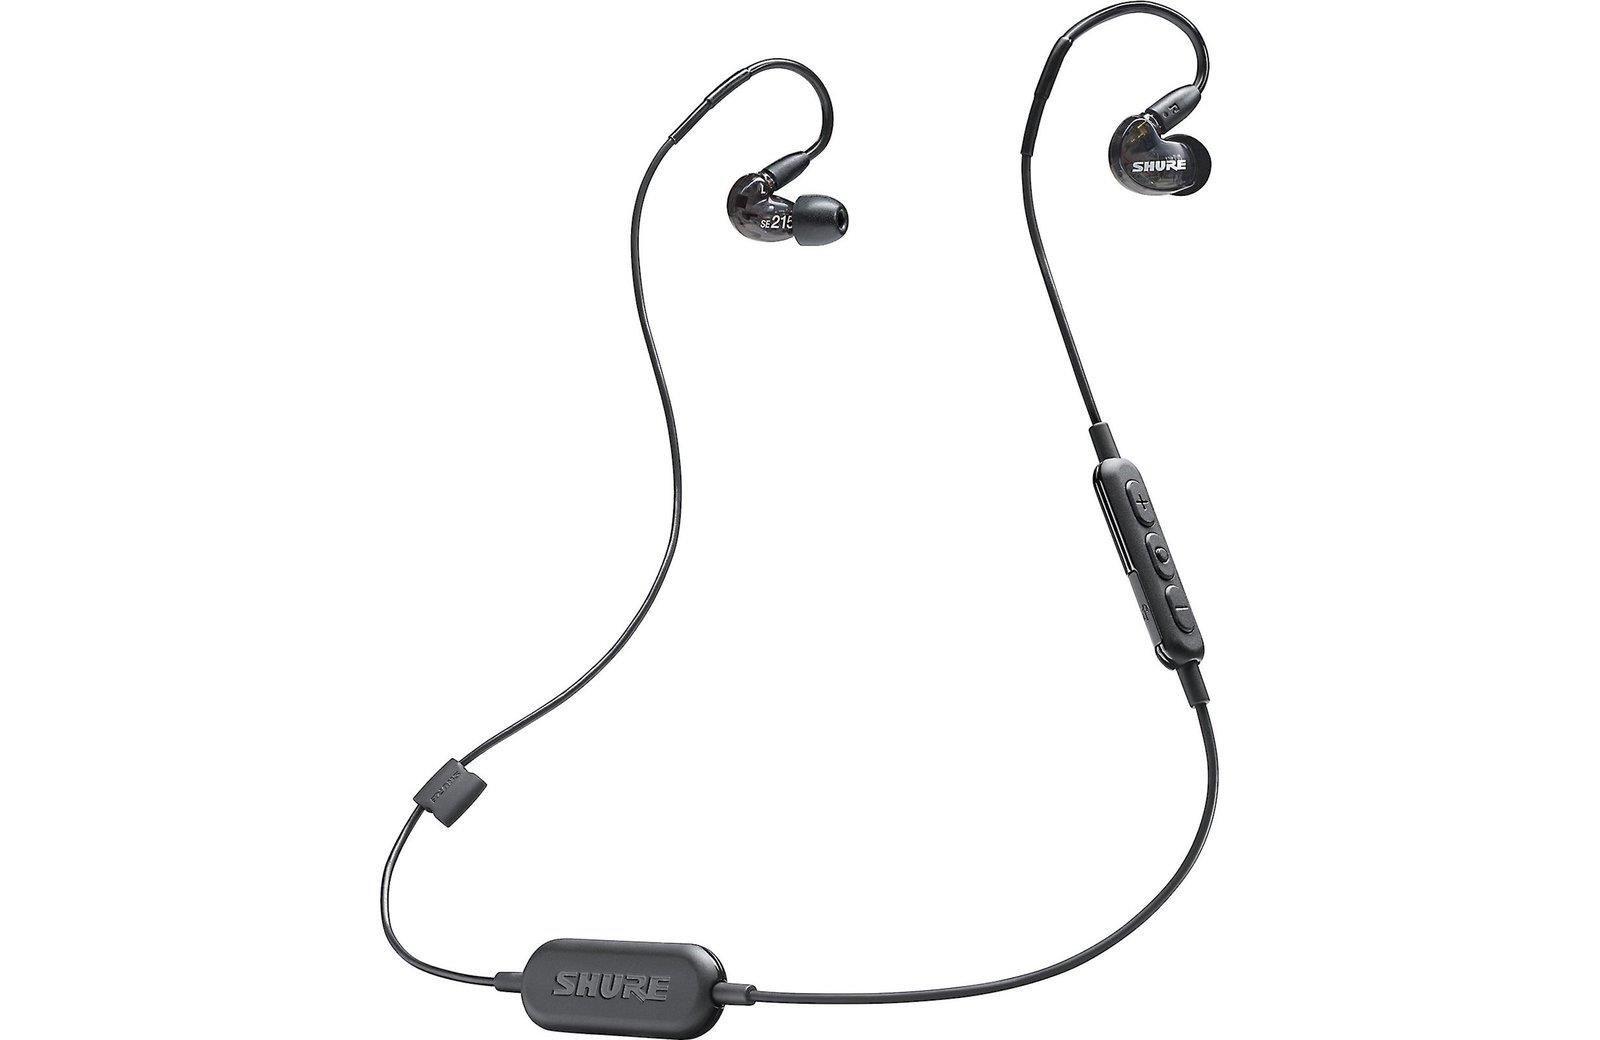 Powieksz do pelnego rozmiaru Shure SE215, SE-215, SE 215, słuchawki hi-fi, słuchawki przenośne, słuchawki dokanałowe, słuchawki zamknięte, słuchawki z odłączanym przewodem, słuchawki do MP3, słuchawki do odtwarzacza MP3, słuchawki do odtwarzaczy MP3, słuchawki do iPod, słuchawki do iPad, słuchawki do iPhone,  SE215BT1, SE215 BT1, SE215-BT1, SE 215BT1, SE 215 BT1, SE 215-BT1, SE-215BT1, SE-215 BT1, SE-215-BT1, SE215BT, SE215 BT, SE215-BT, SE 215BT, SE 215 BT, SE 215-BT, SE-215BT, SE-215 BT, SE-215-BT, wireless, bezprzewodowe, bt,